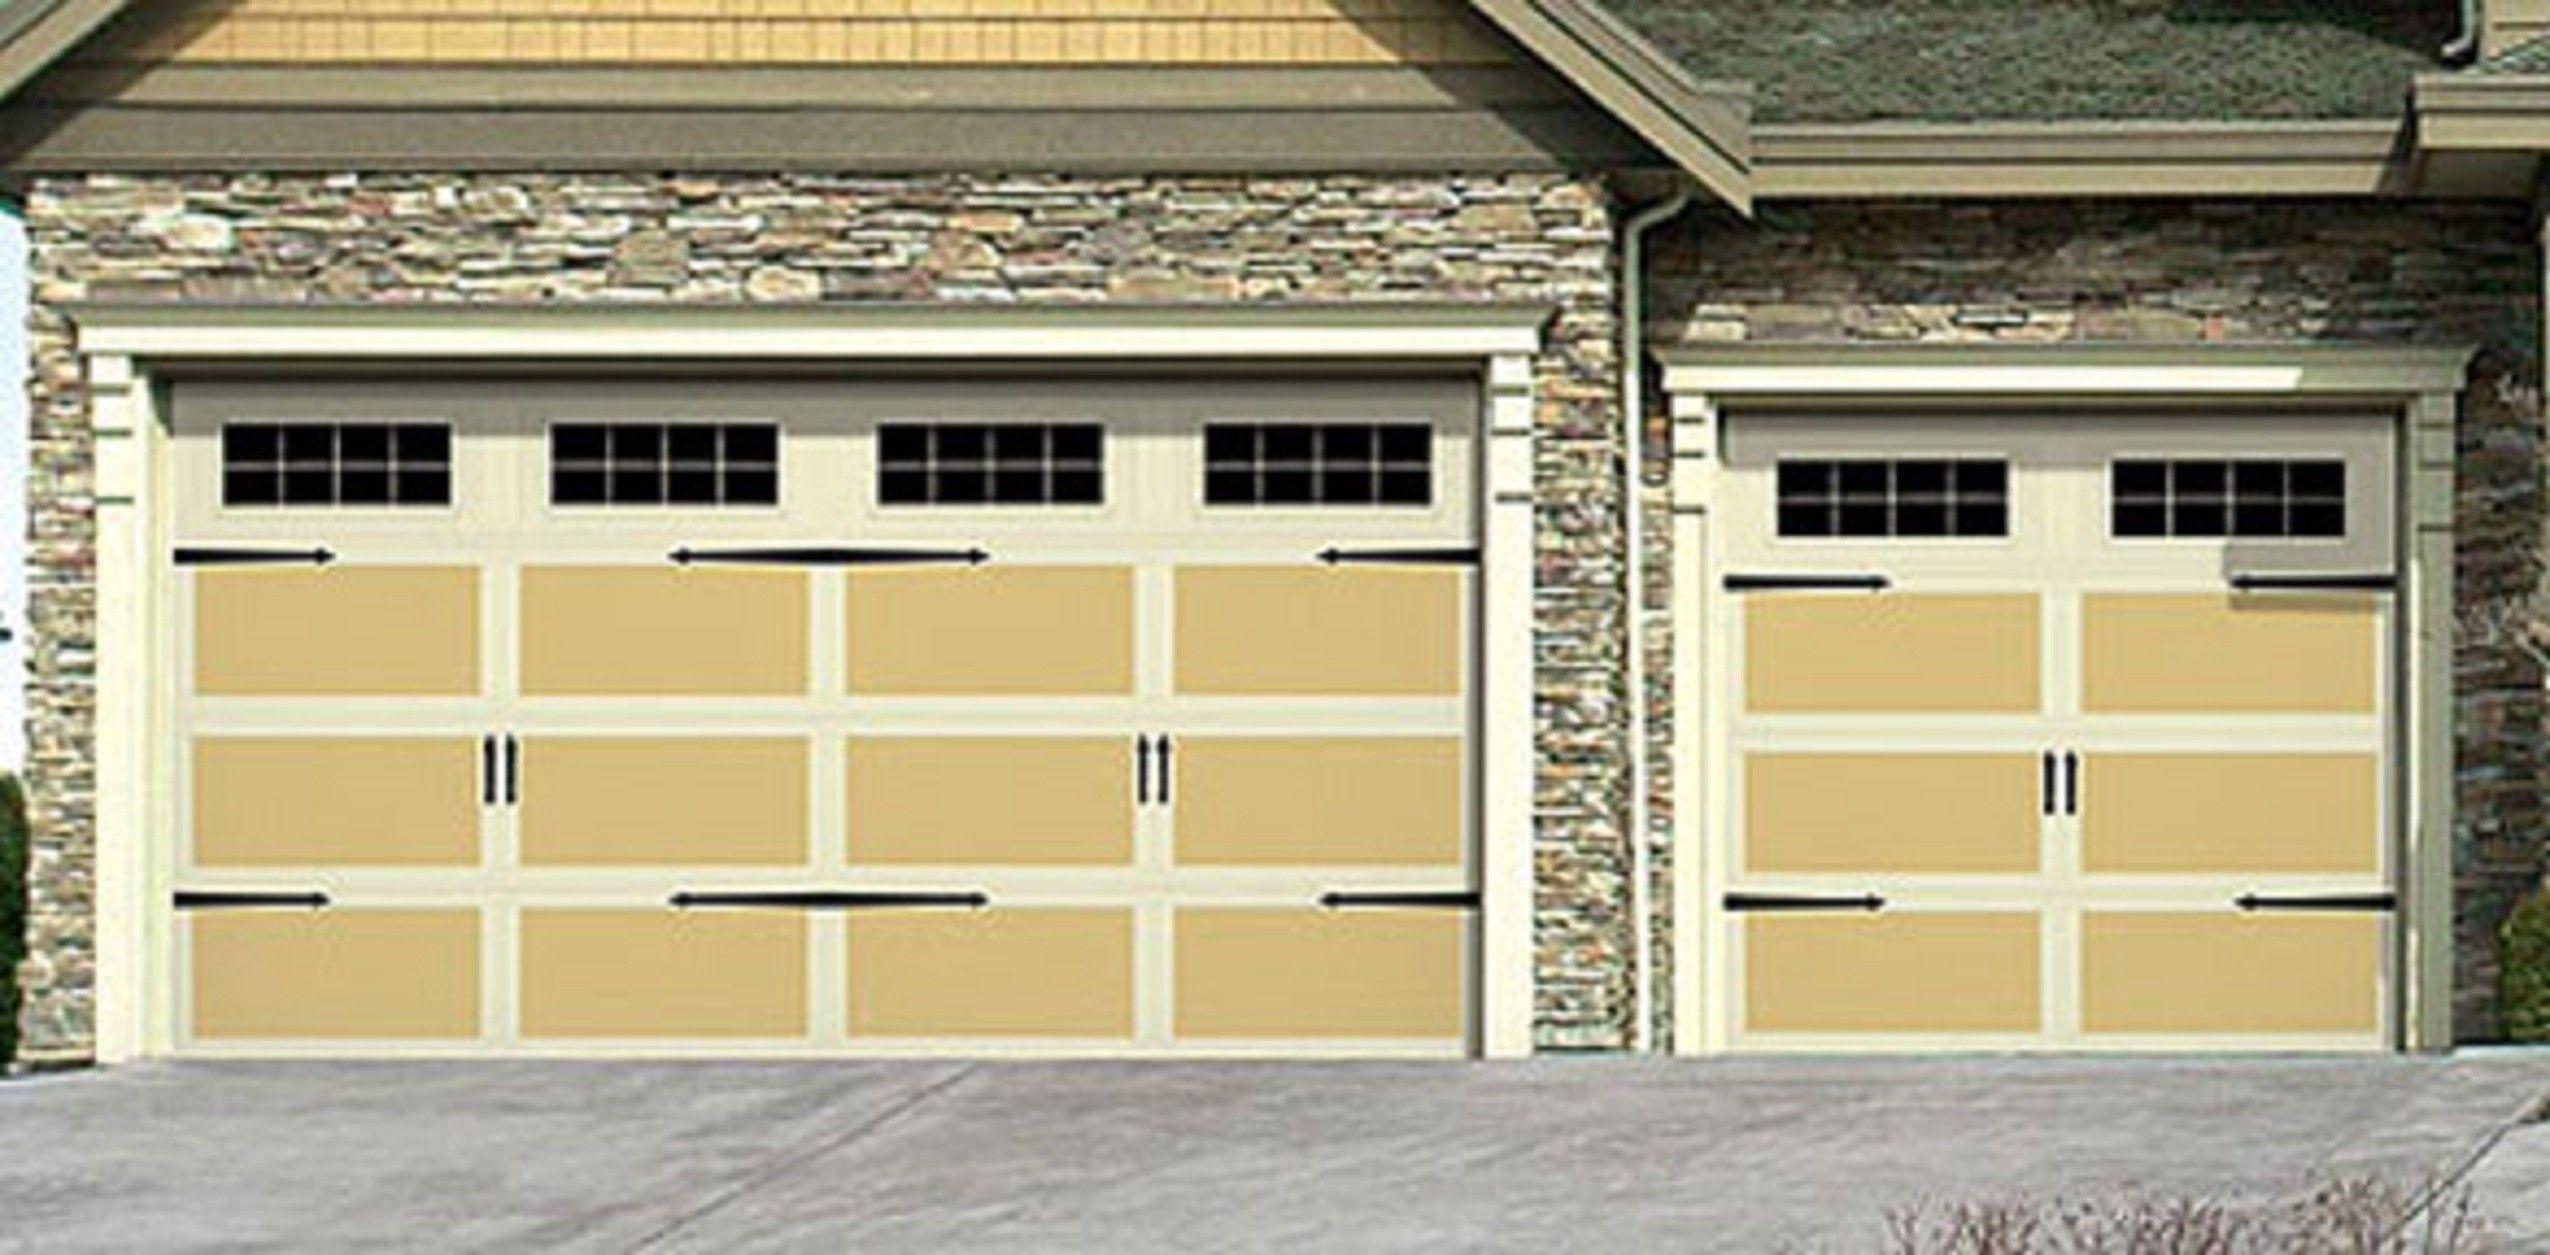 16 Ft Garage Door Panel Httpvoteno123 Pinterest Garage